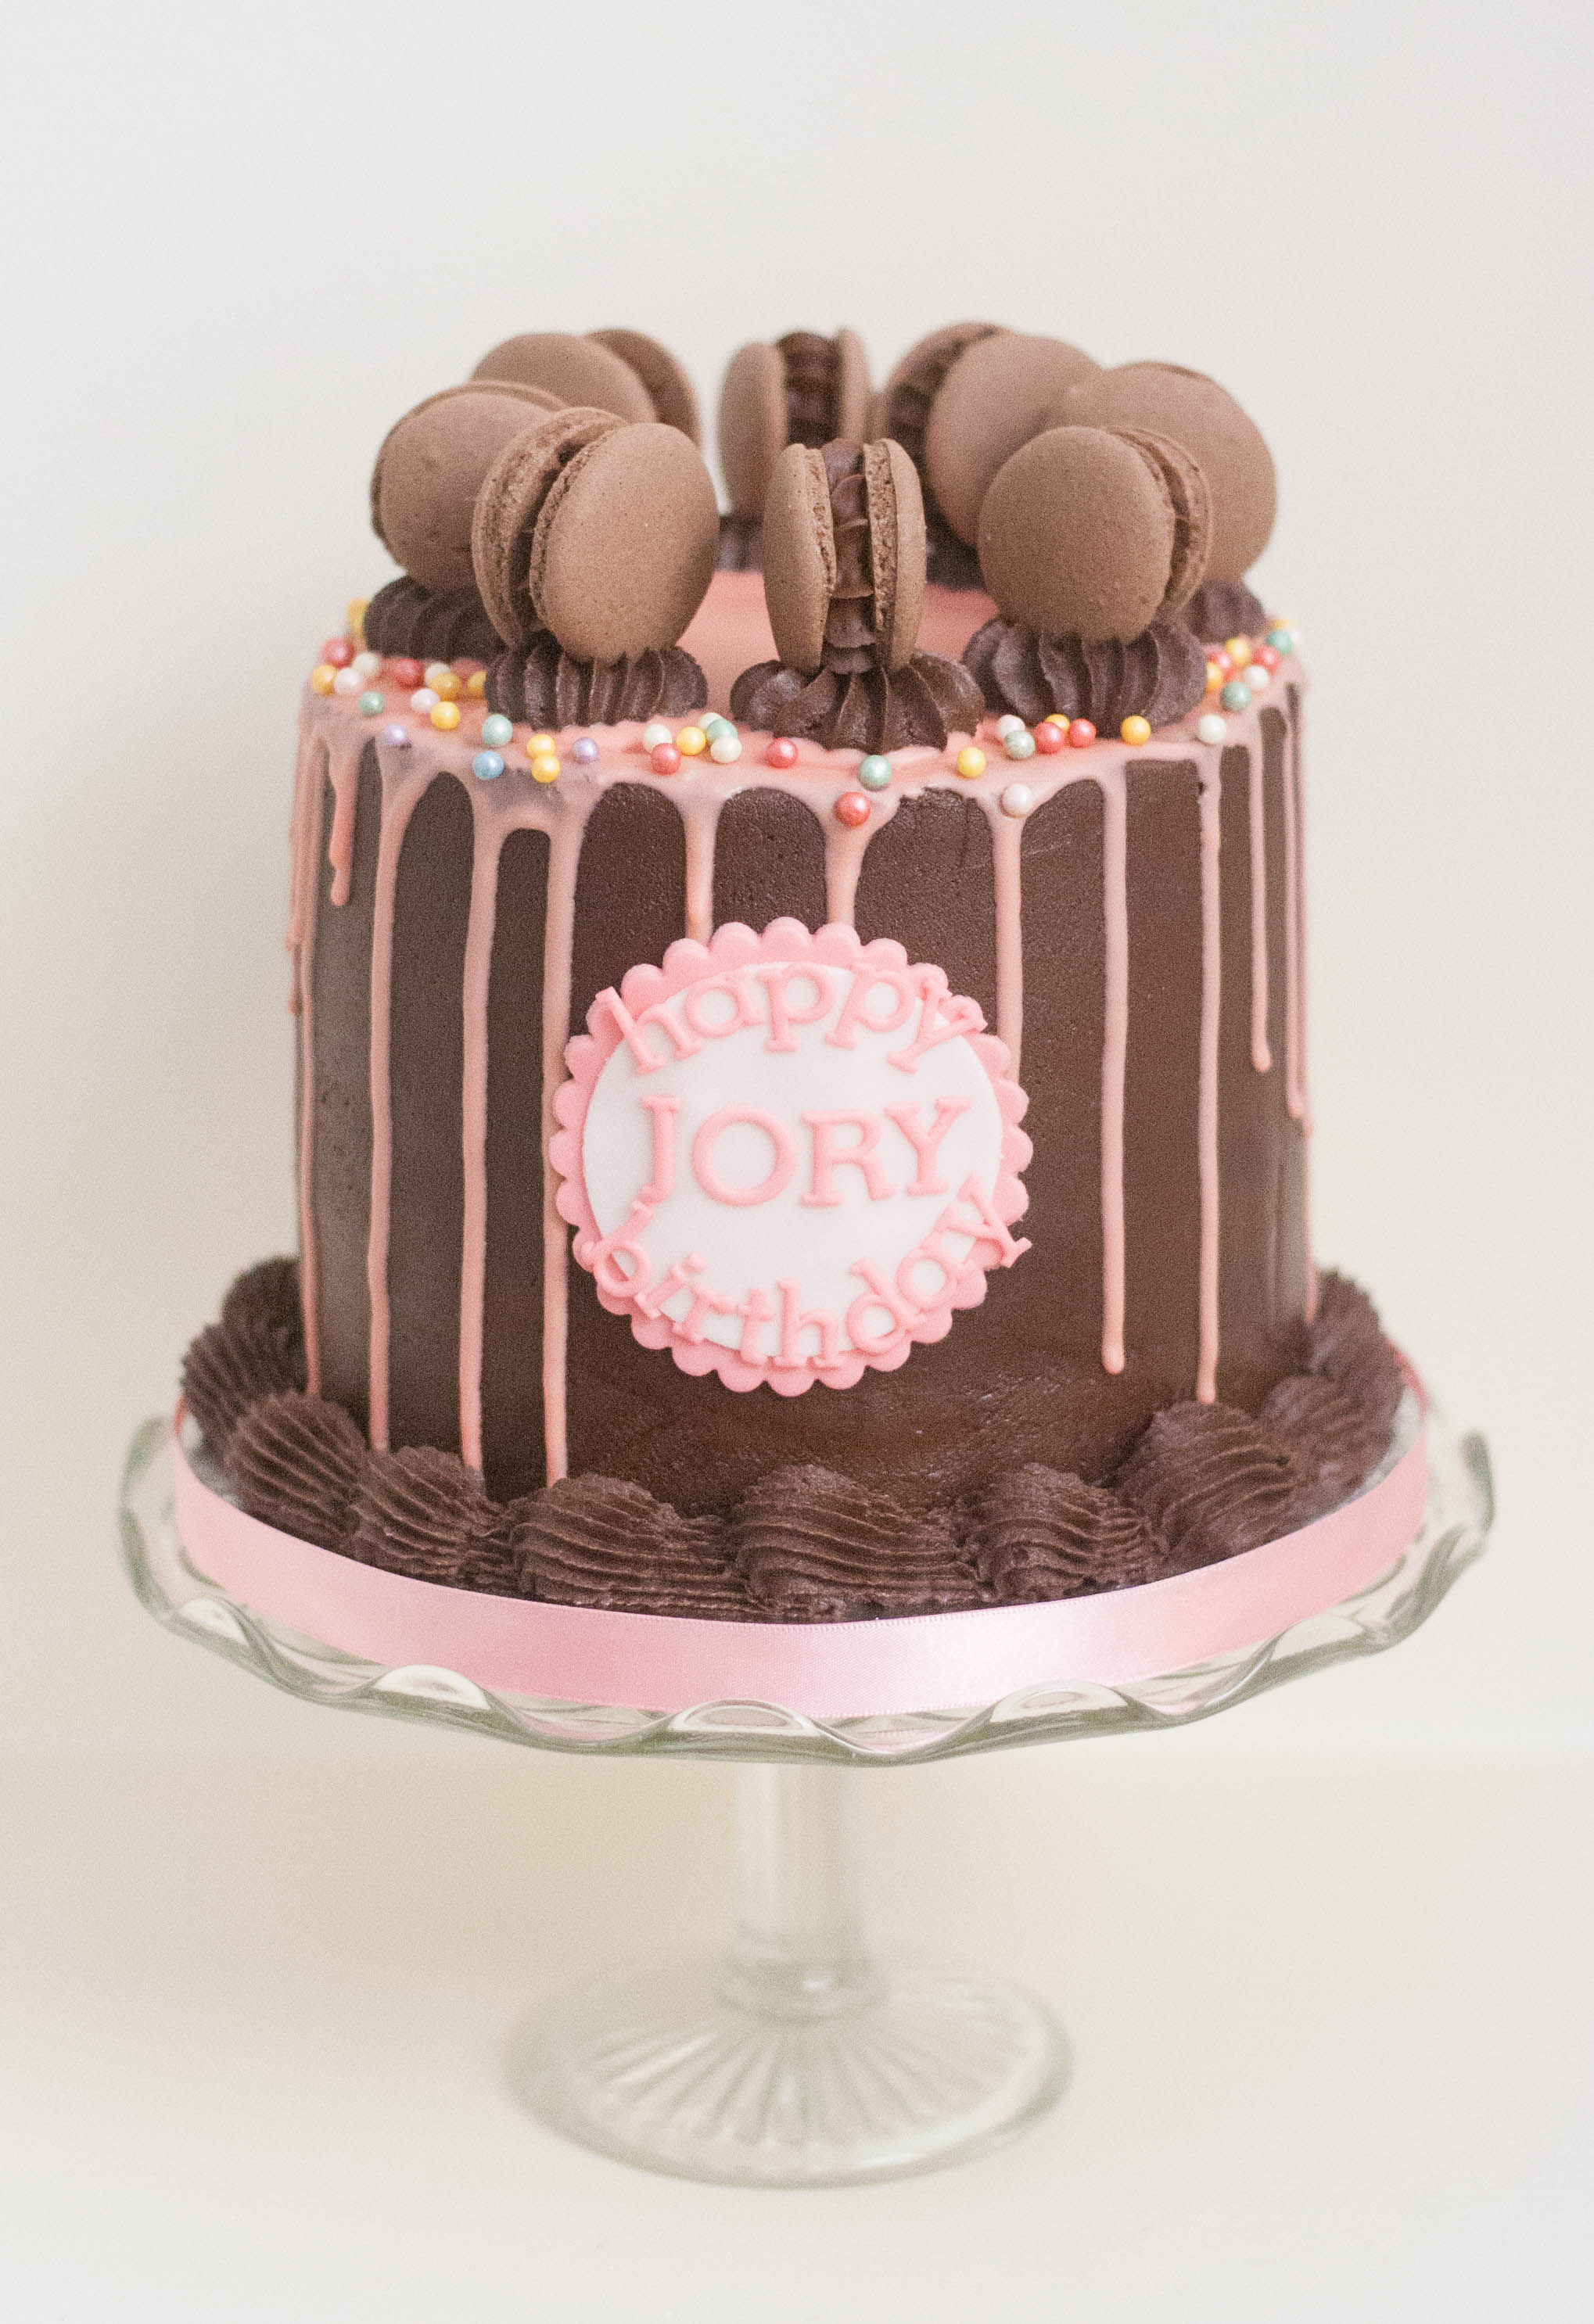 choc macaron pink drip vegan cake